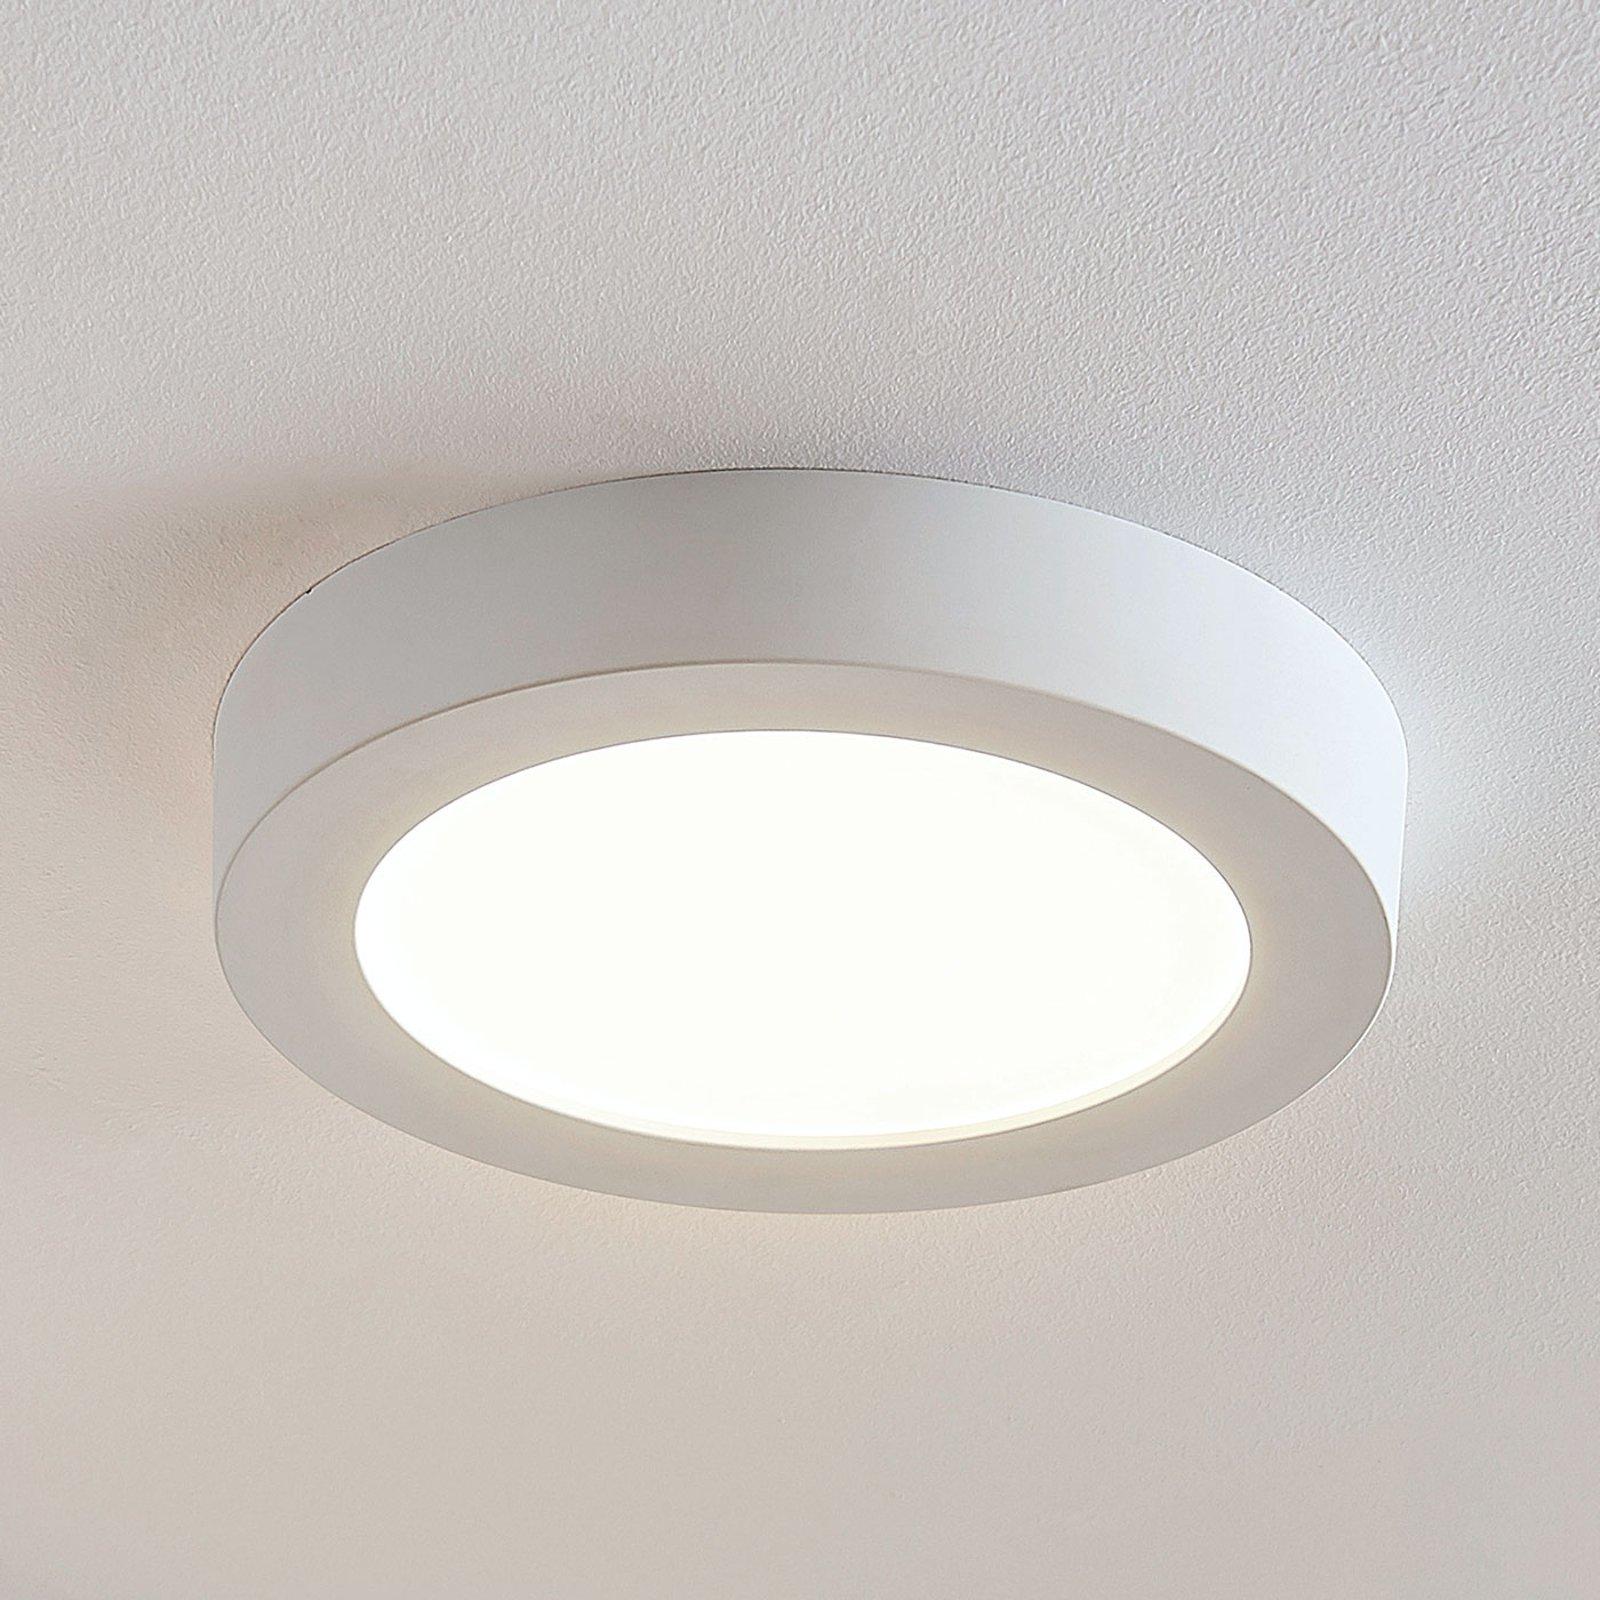 LED-taklampe Marlo, hvit, 3 000 K rund 25,2cm